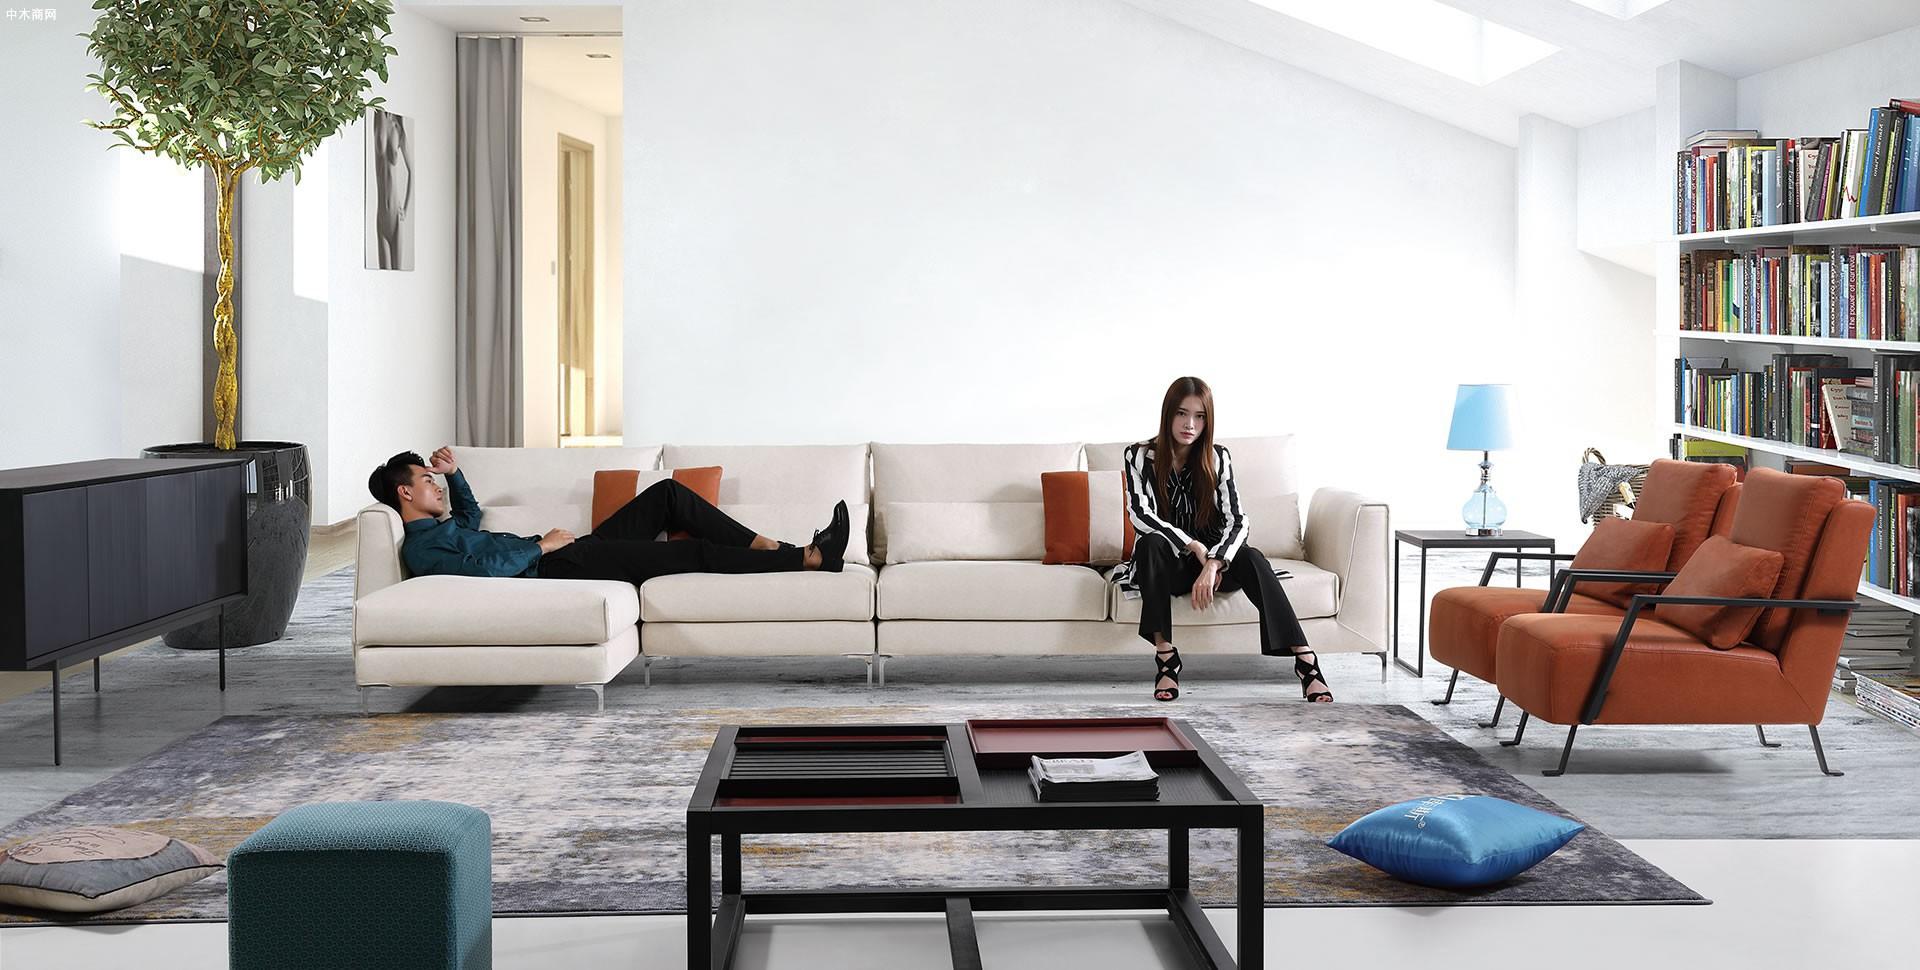 买沙发科技布后悔吗?科技布沙发到底值不值得买厂家